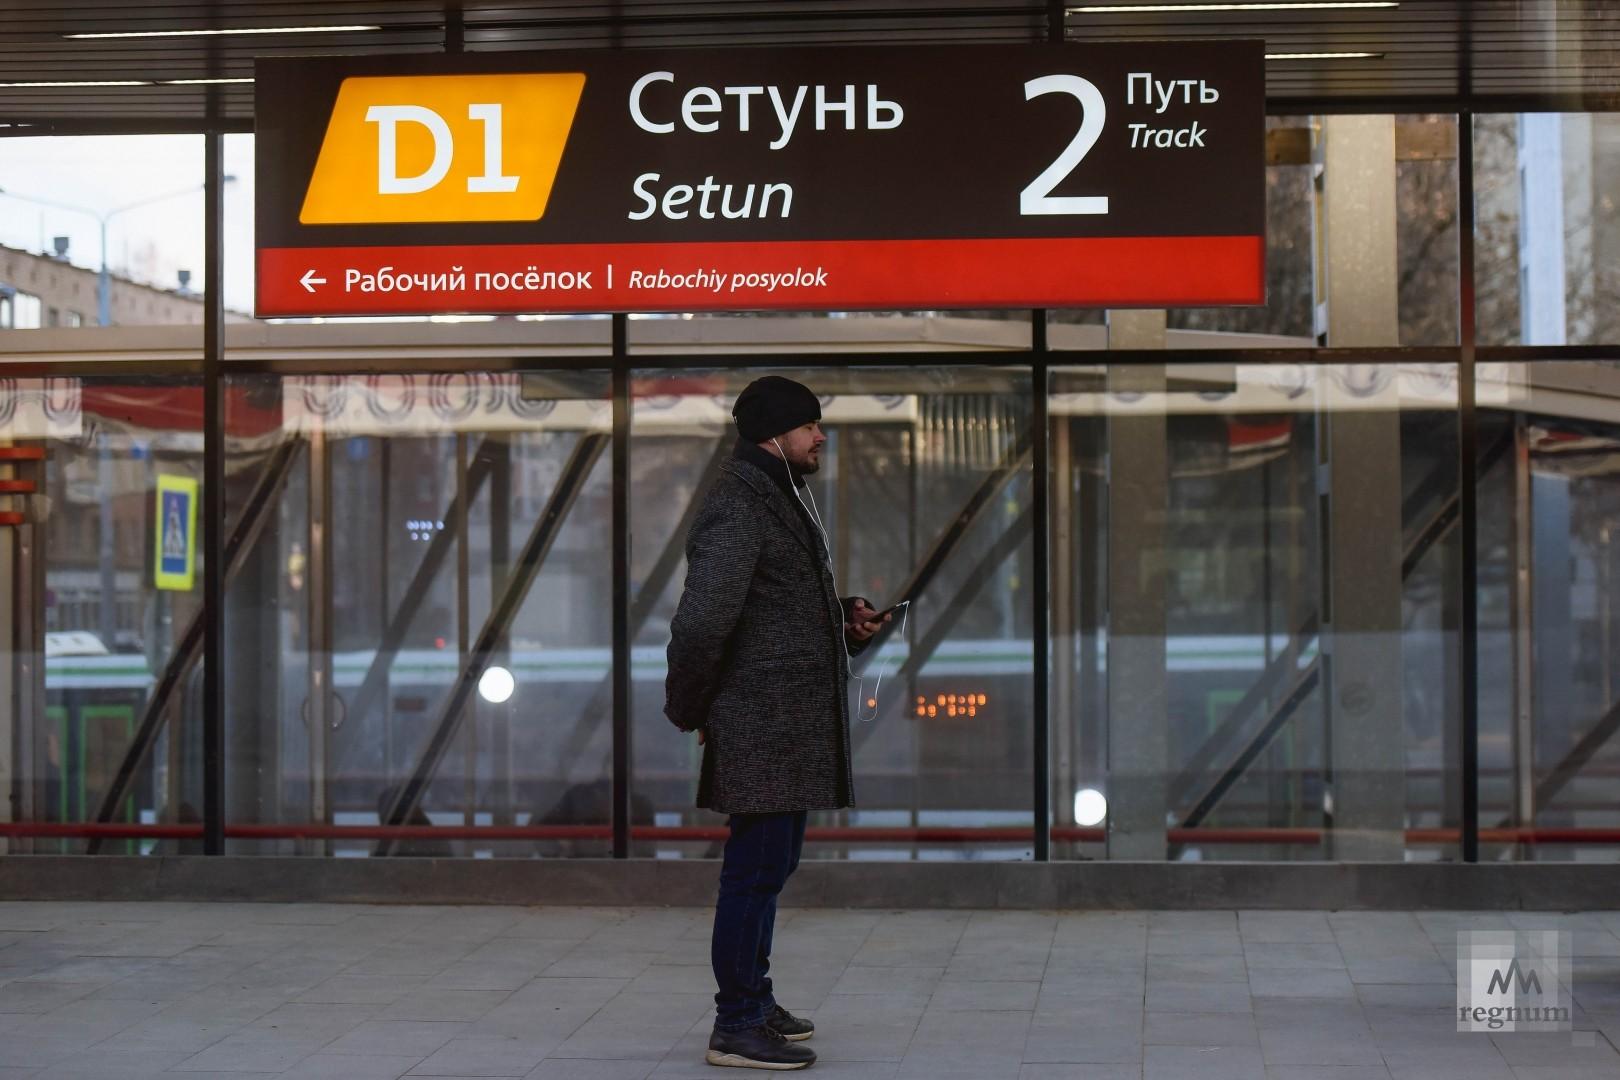 Станция МЦД «Сетунь»